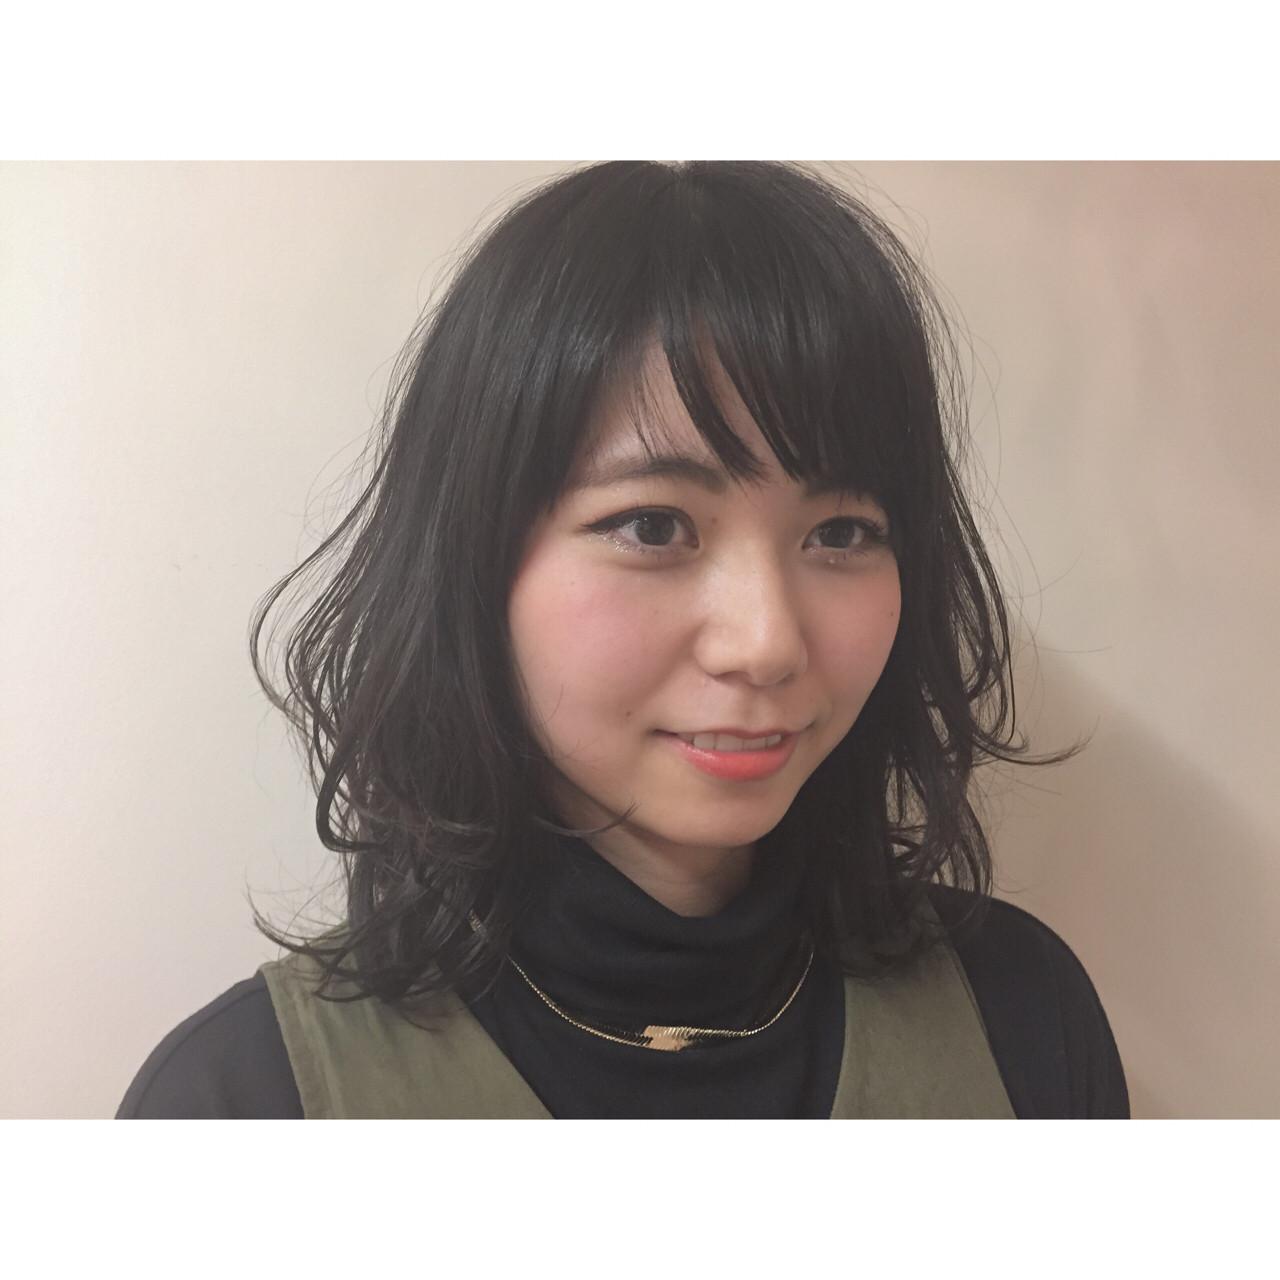 黒髪×ミディアム×パーマは色気たっぷりのおフェロスタイルに♡ Ryuuki Miyagi